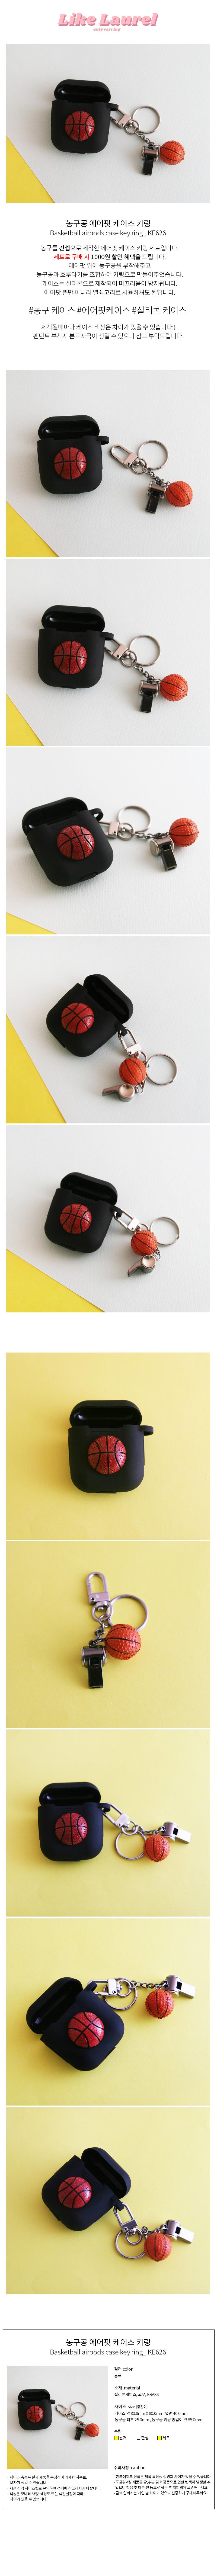 농구공 에어팟 케이스 키링(세트 할인)14,800원-라이크로렐디지털, 애플, 케이스, 에어팟바보사랑농구공 에어팟 케이스 키링(세트 할인)14,800원-라이크로렐디지털, 애플, 케이스, 에어팟바보사랑